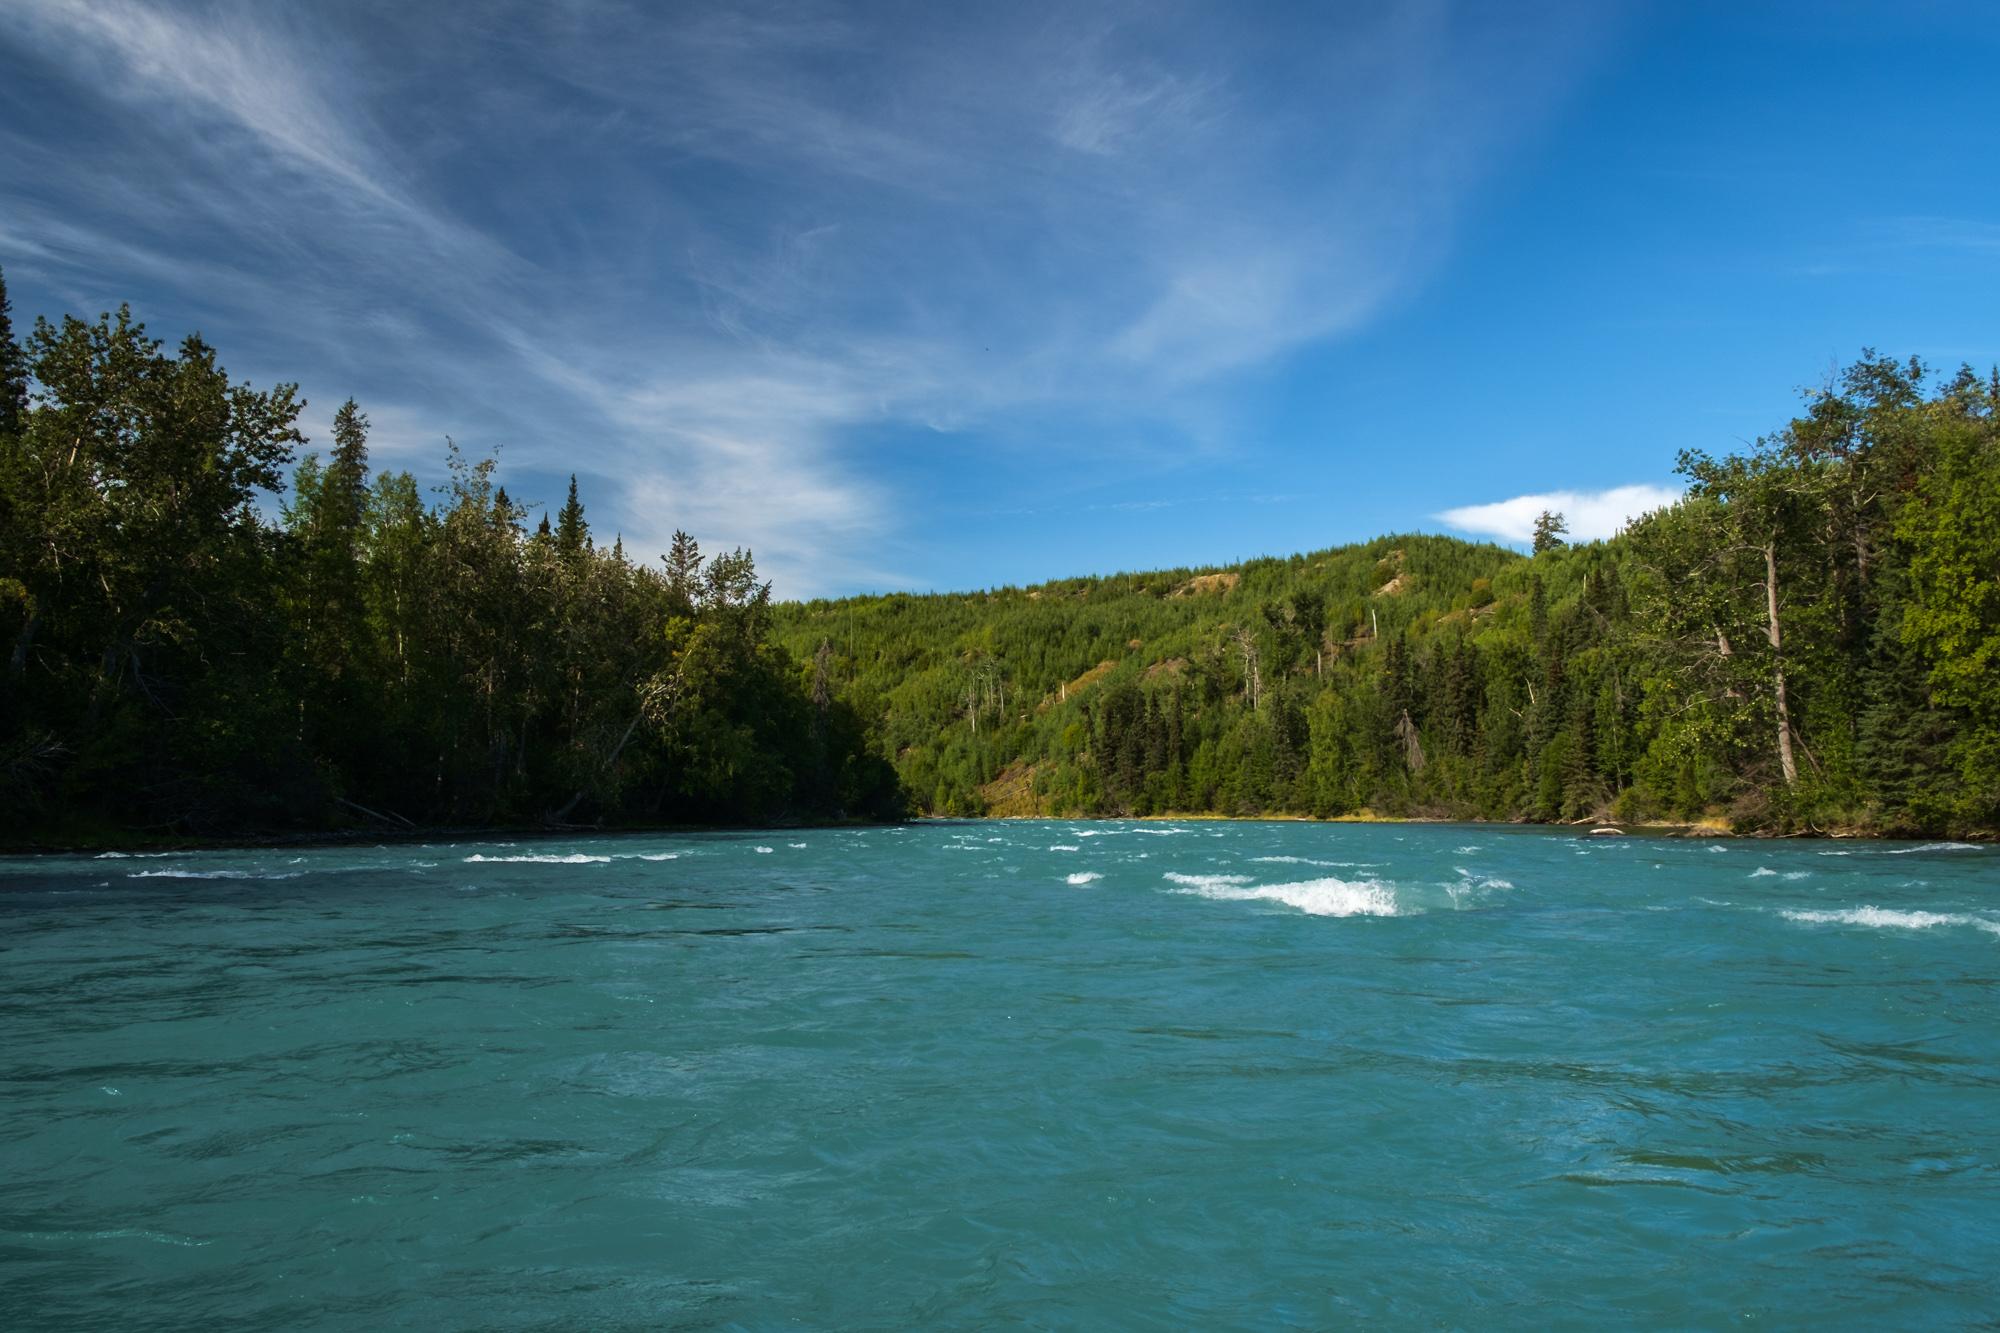 Scott_Myers_Alaska-3852.jpg